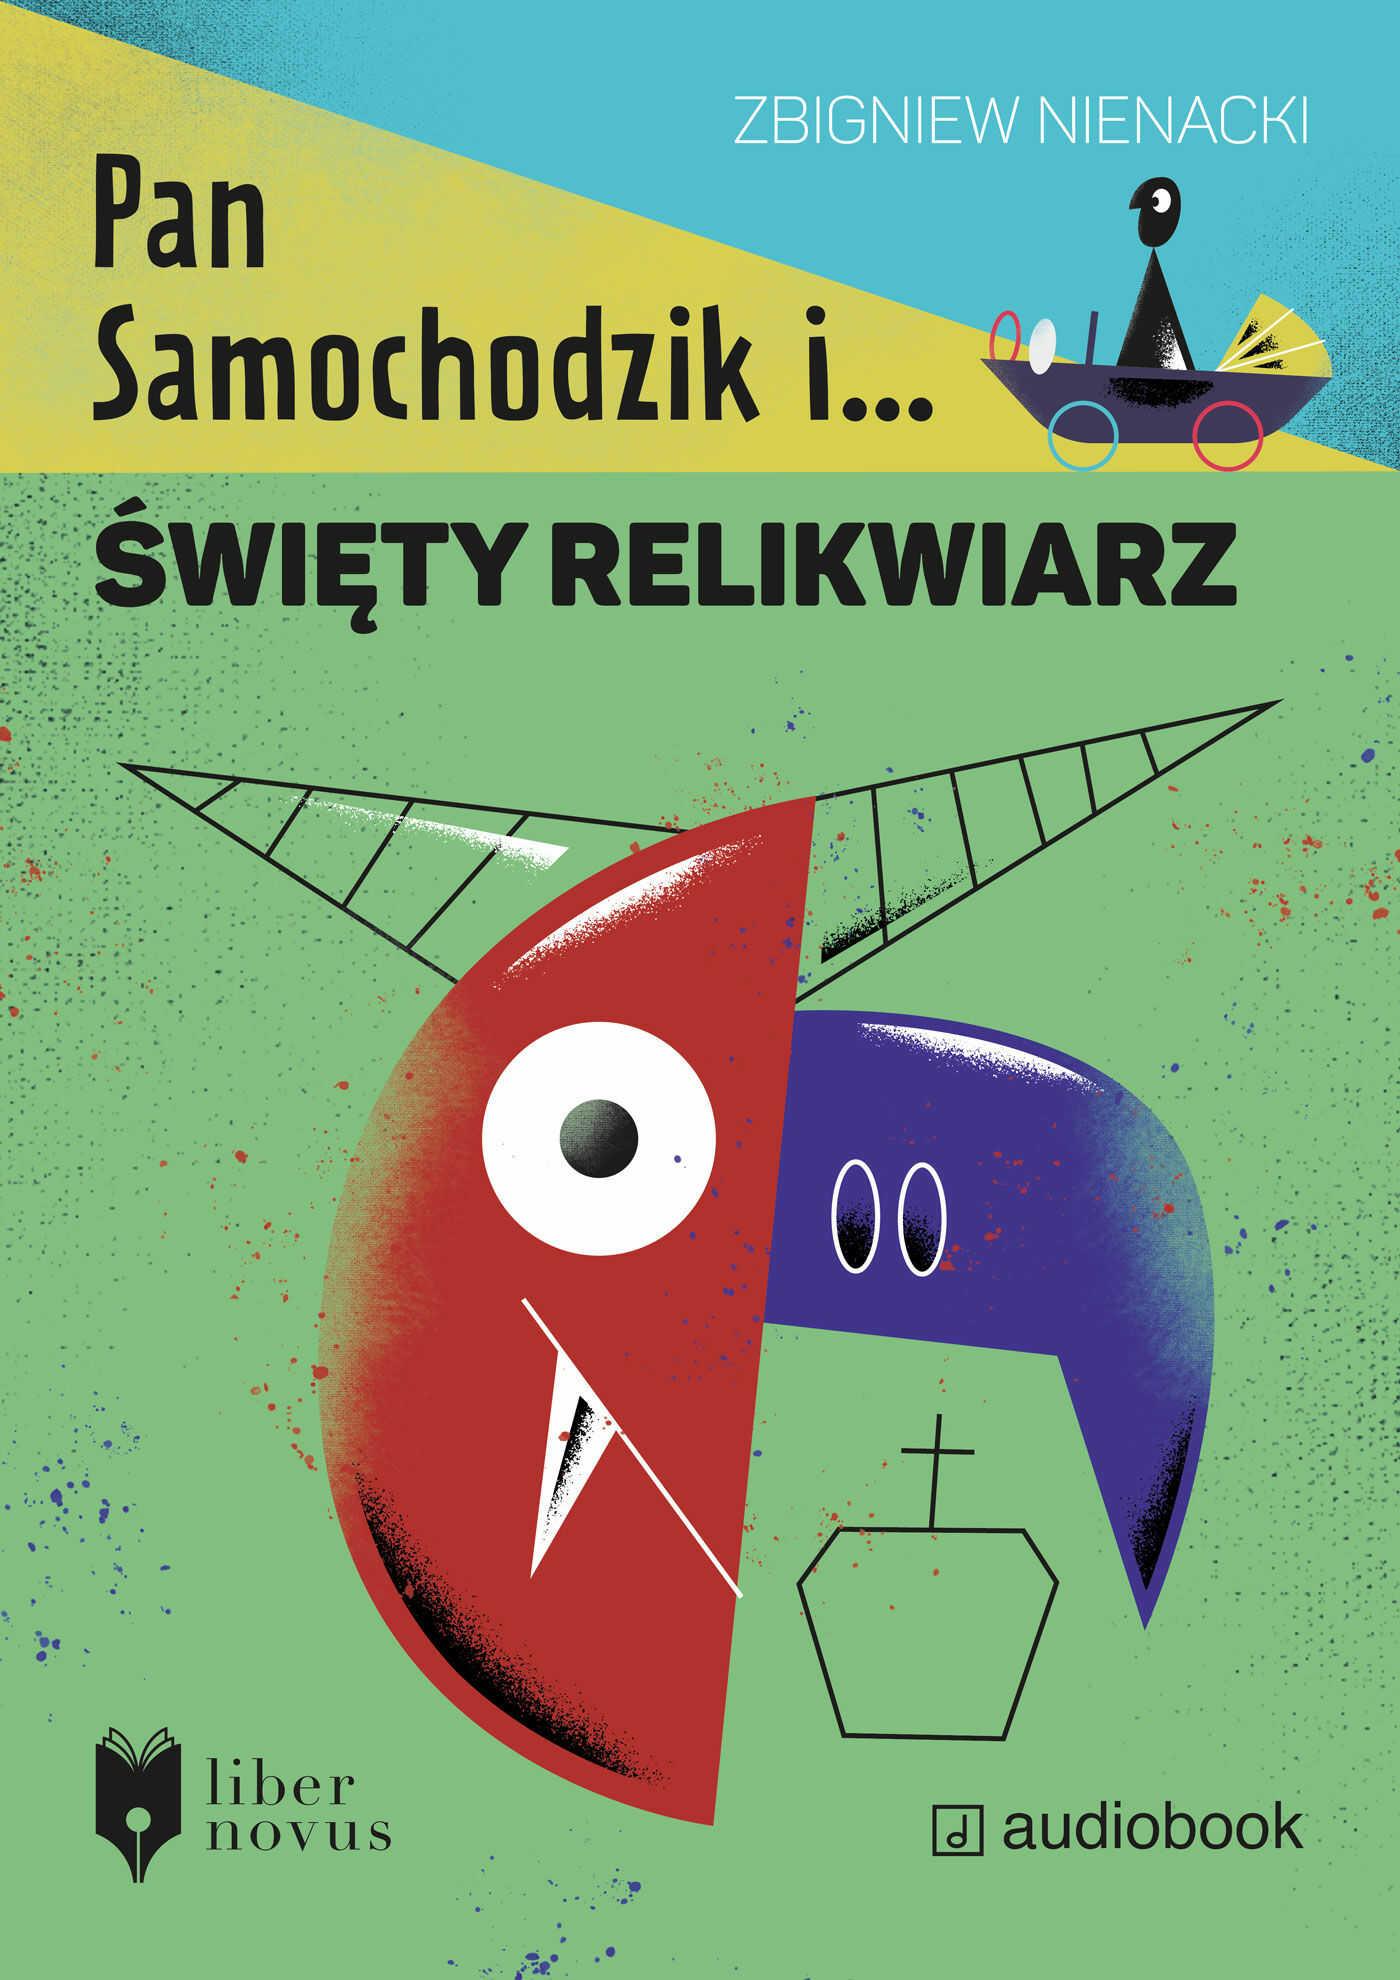 Pan Samochodzik i święty relikwiasz - Zbigniew Nienacki - audiobook